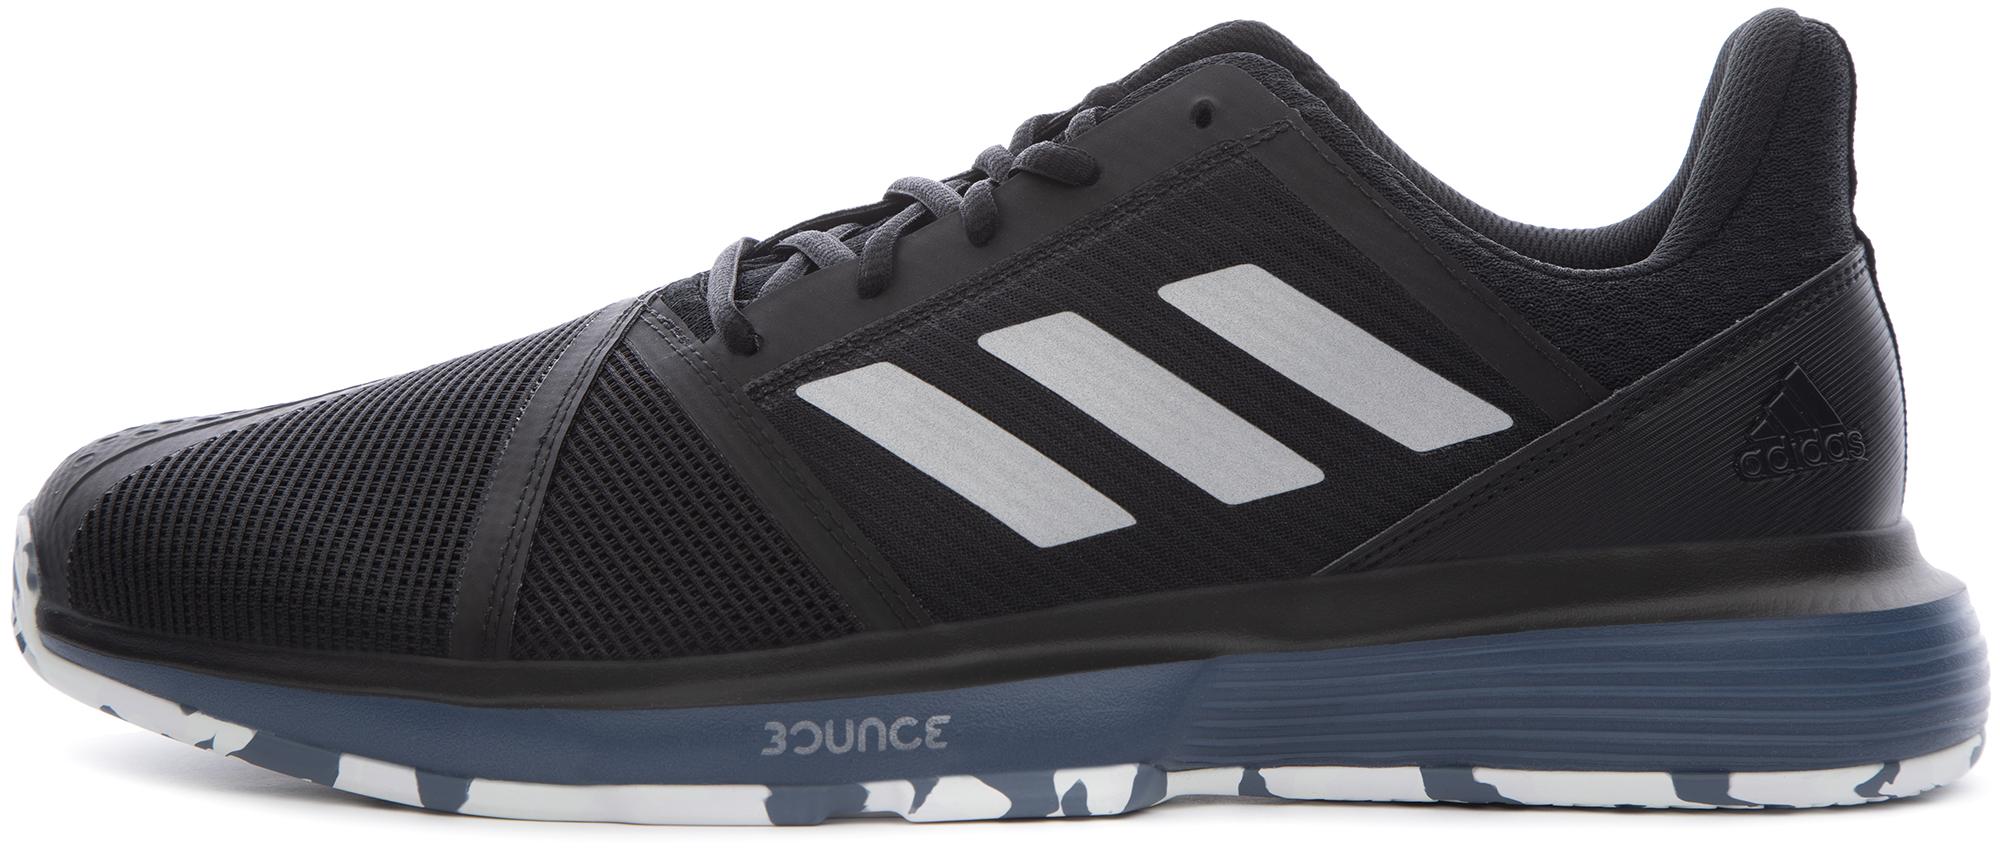 Adidas Кроссовки мужские Courtjam Bounce, размер 46